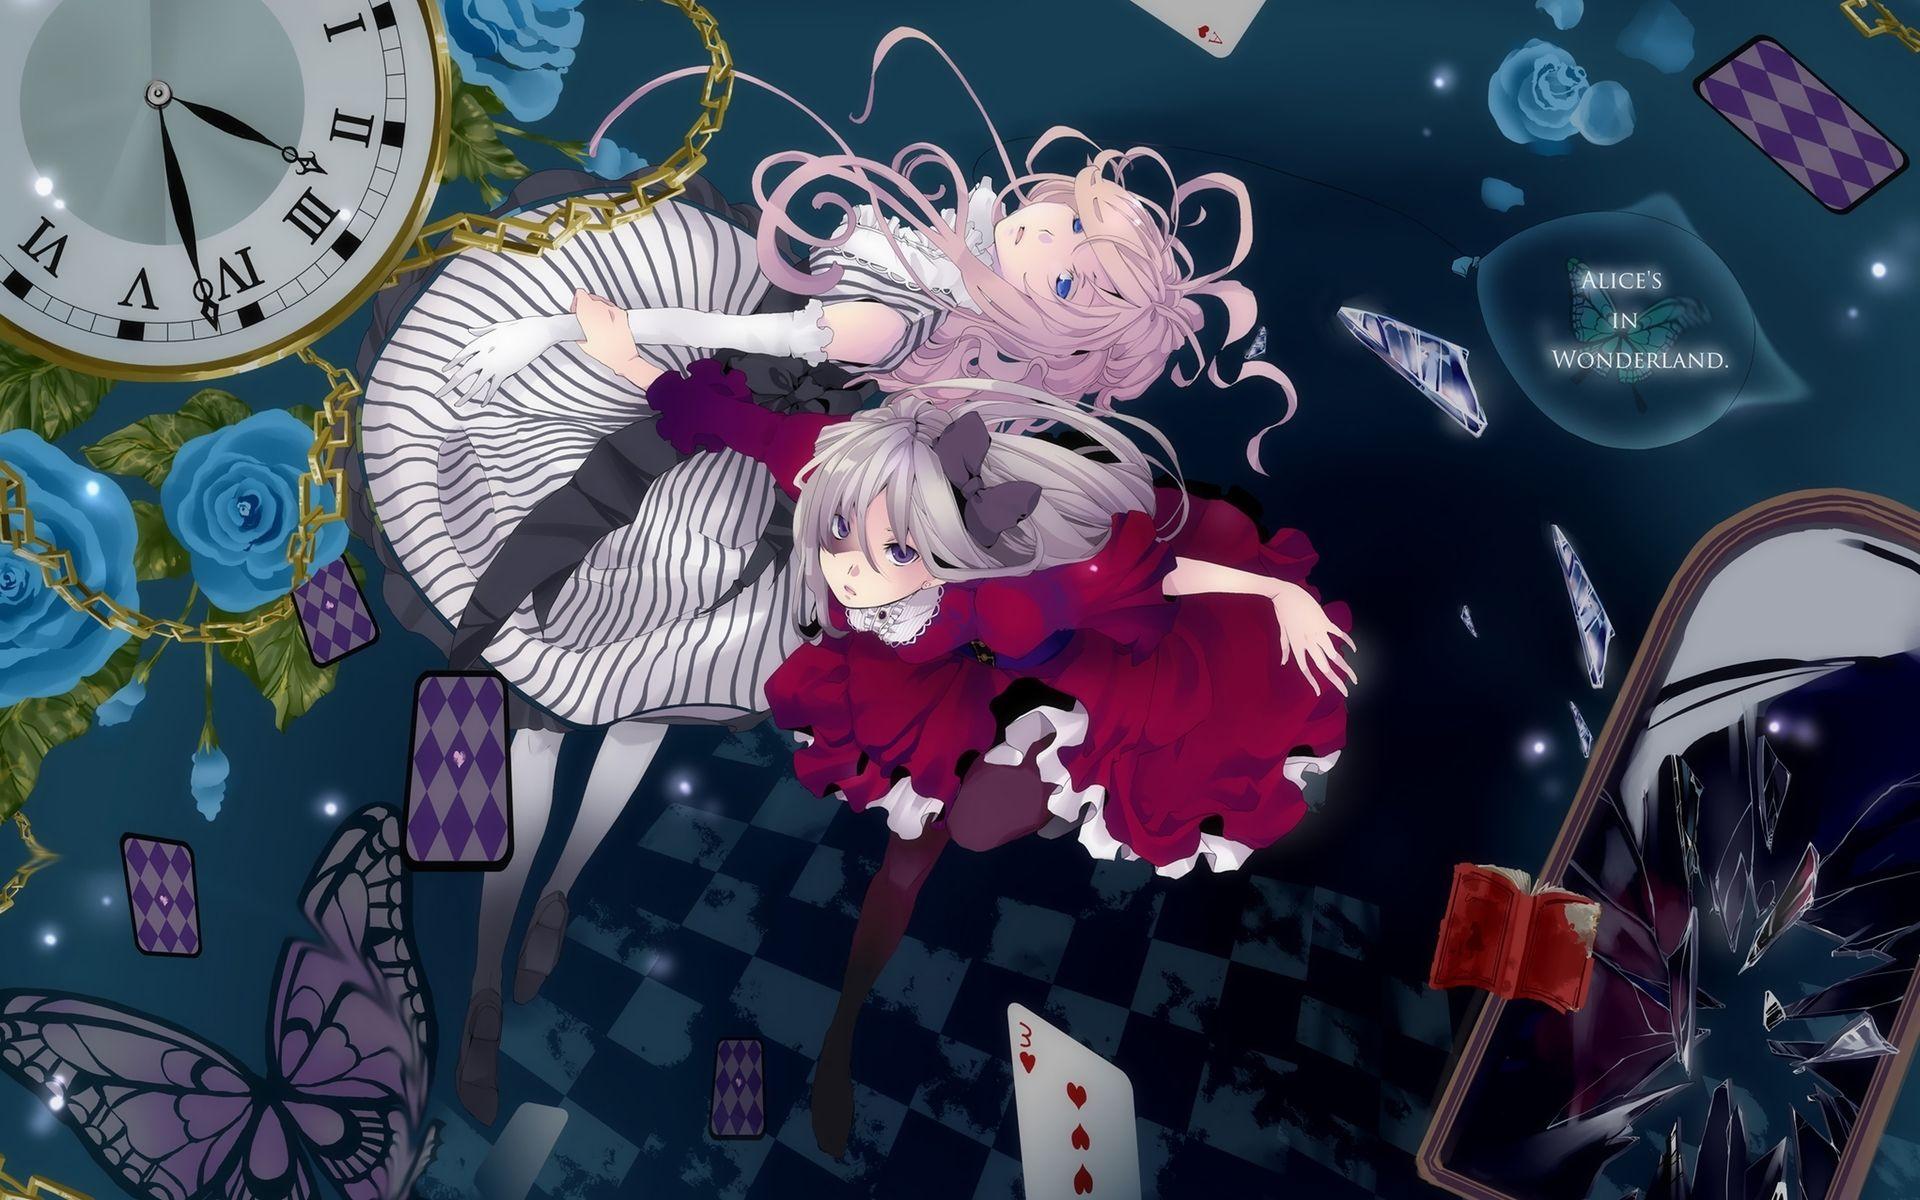 Alice in Wonderland style Anime, País de las maravillas